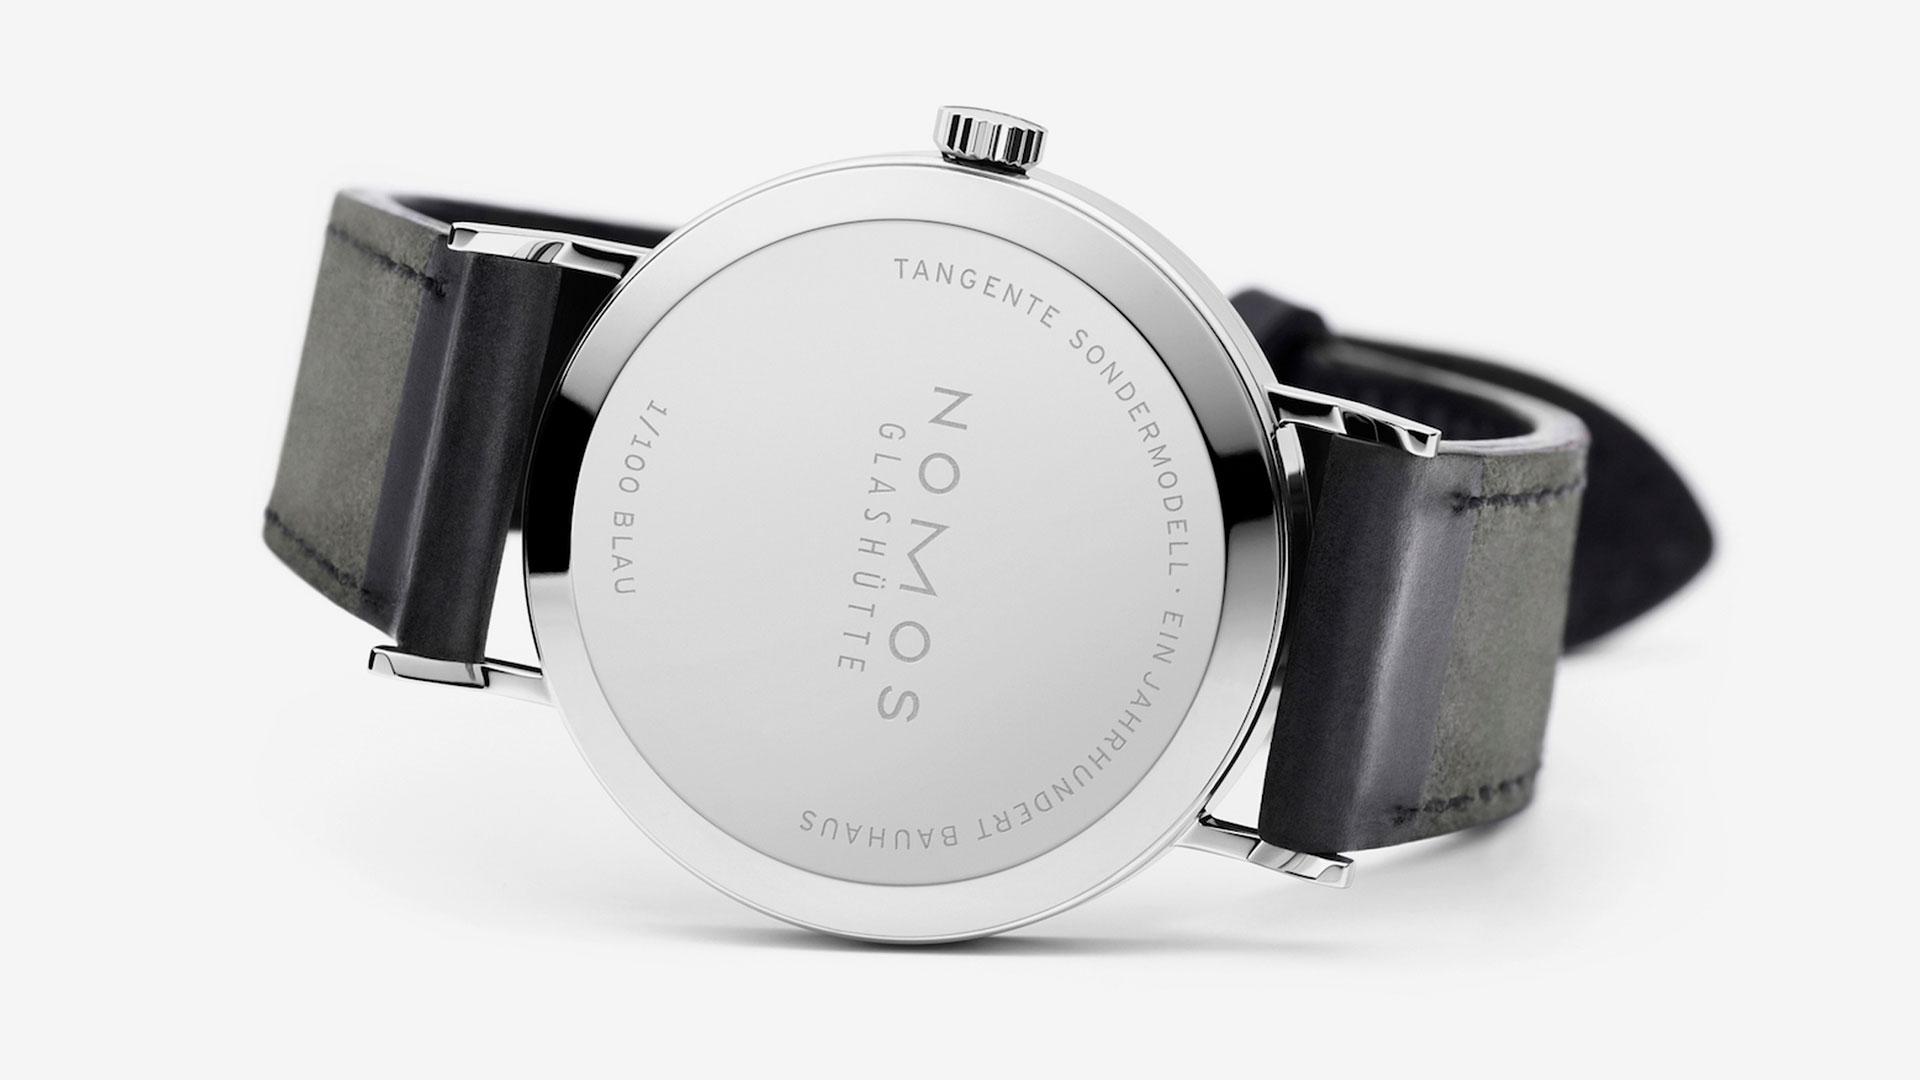 Imagen de los modelos de reloj Tangente de la marca NOMOS Glashütte